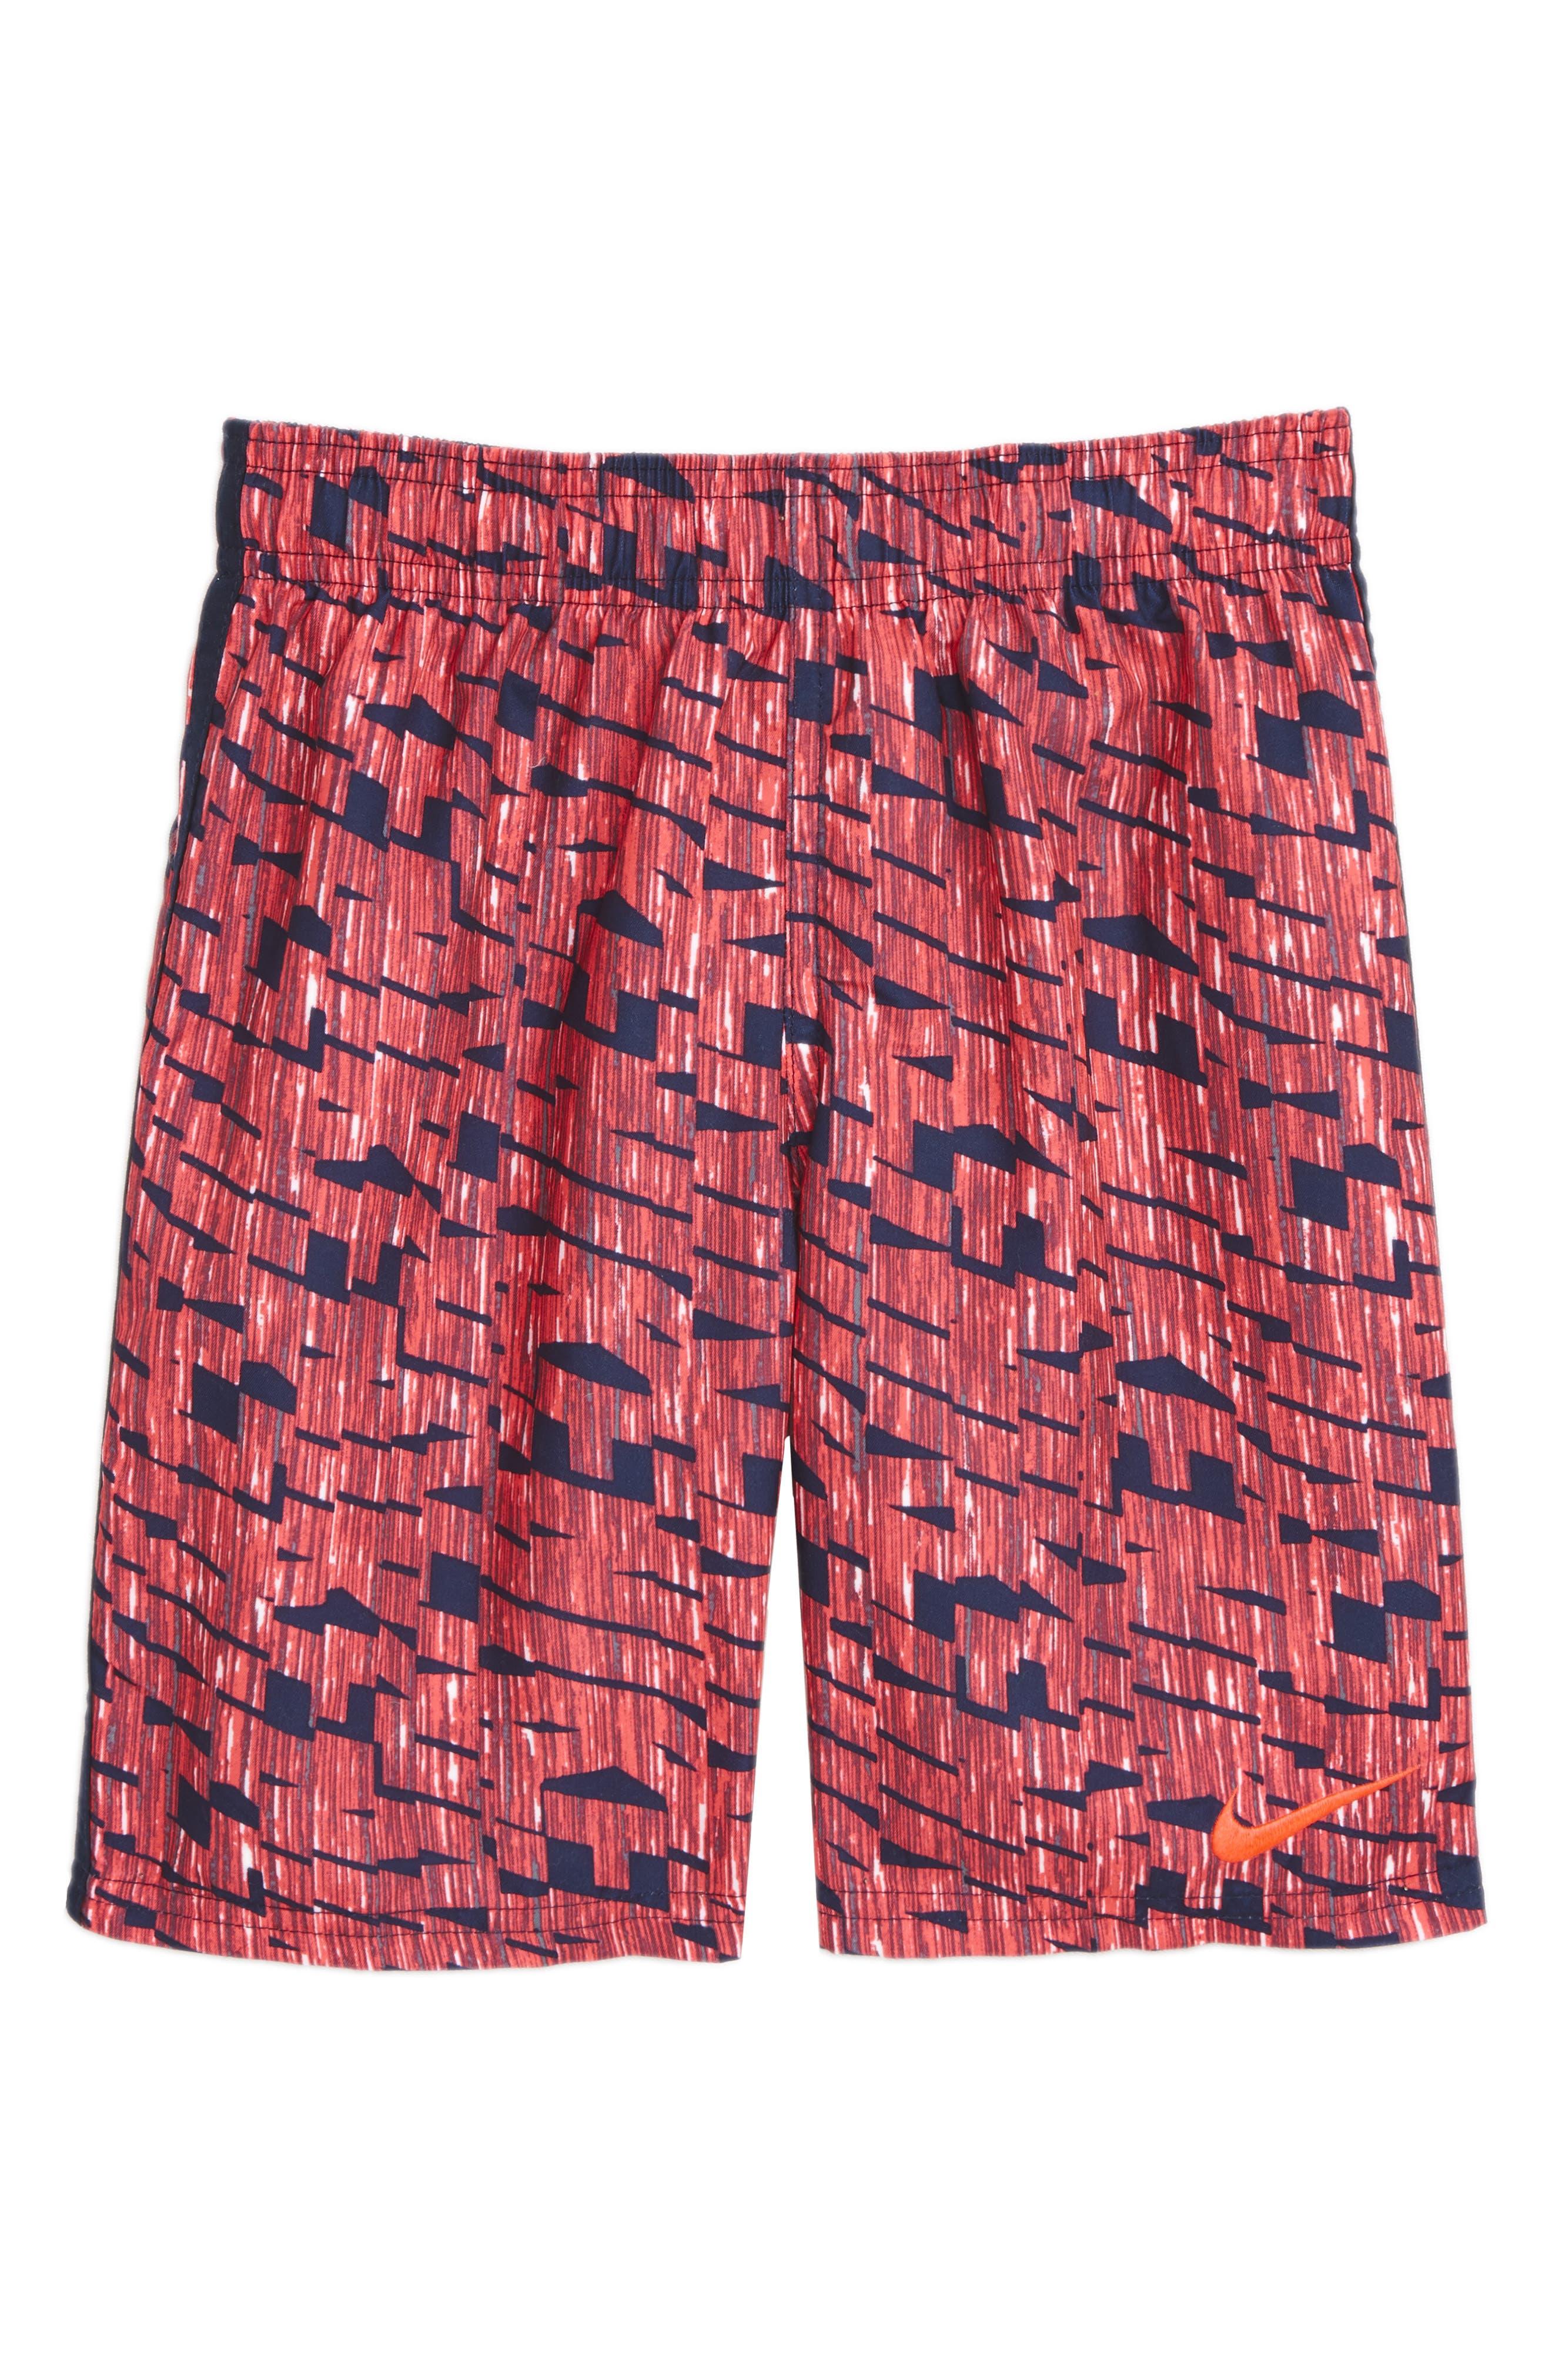 Diverge Board Shorts,                             Main thumbnail 1, color,                             Hot Punch